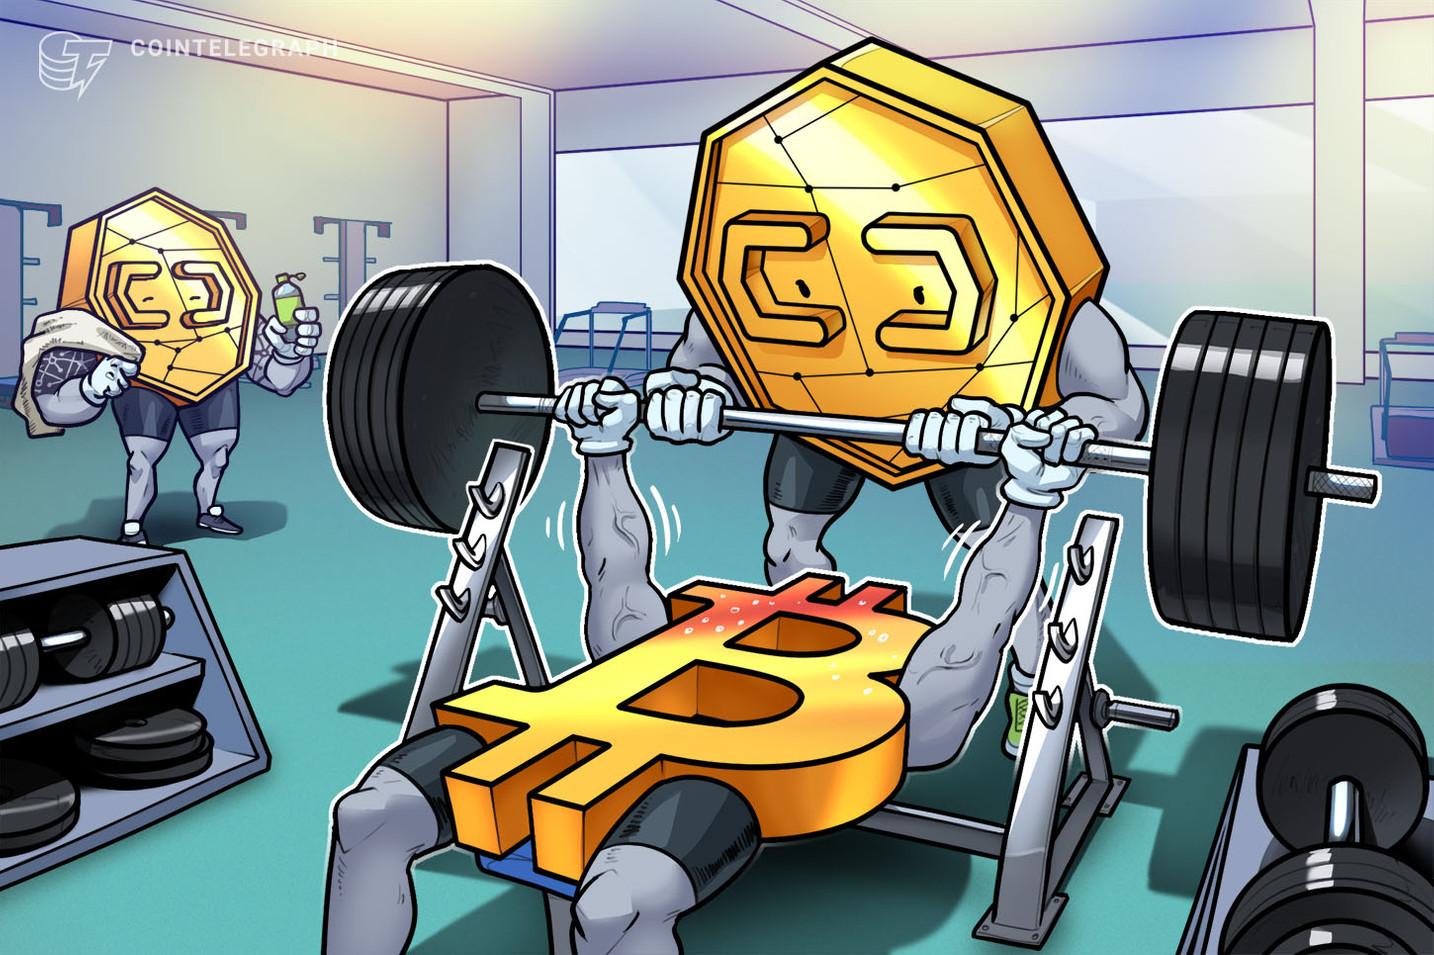 Altseason y el precio de los $30,000 a la vista: 5 cosas que tener en cuenta sobre Bitcoin cuando termine el 2020